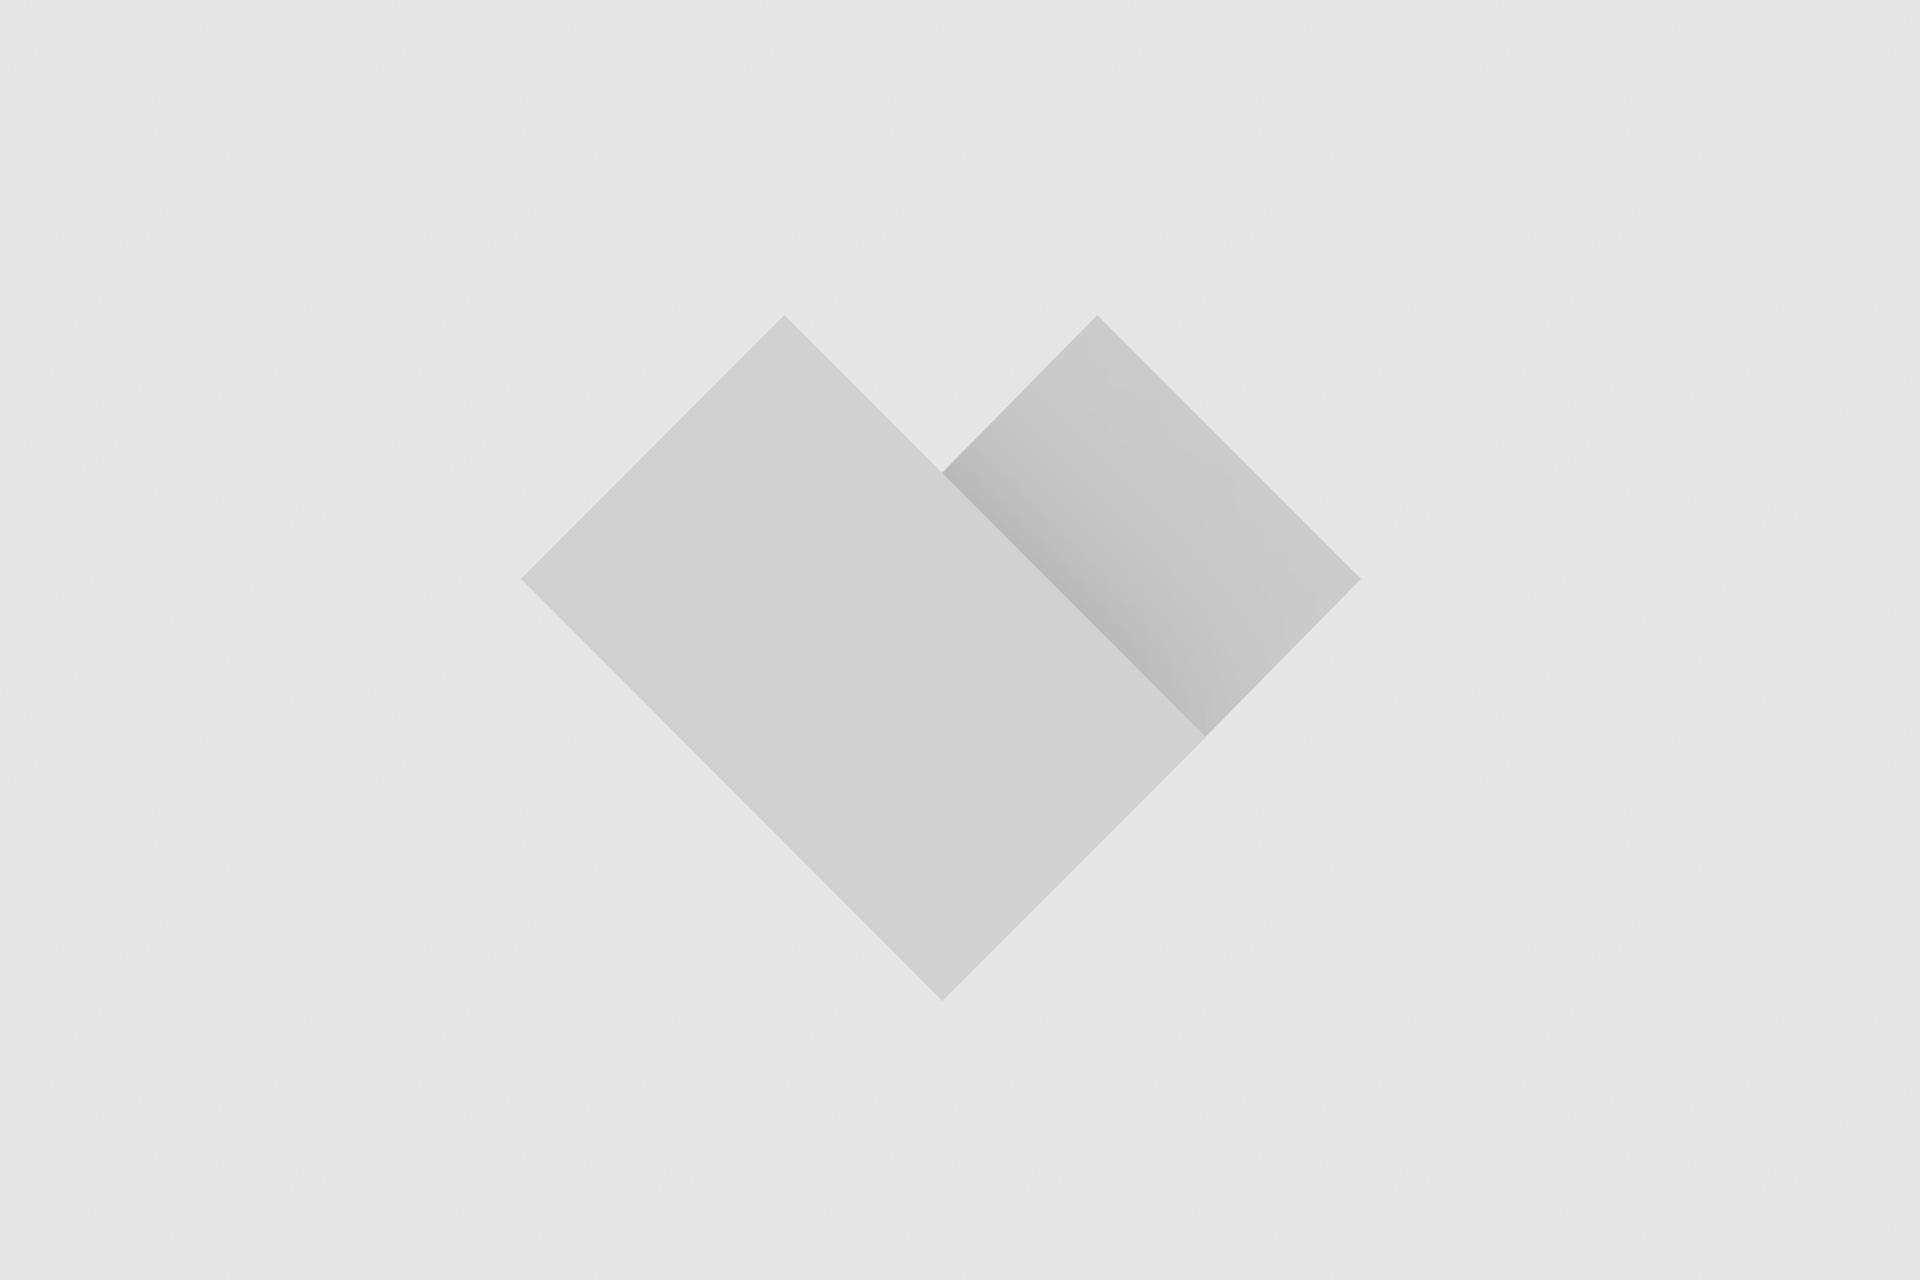 Zmiany w aplikacji – 1 kwietnia 2019